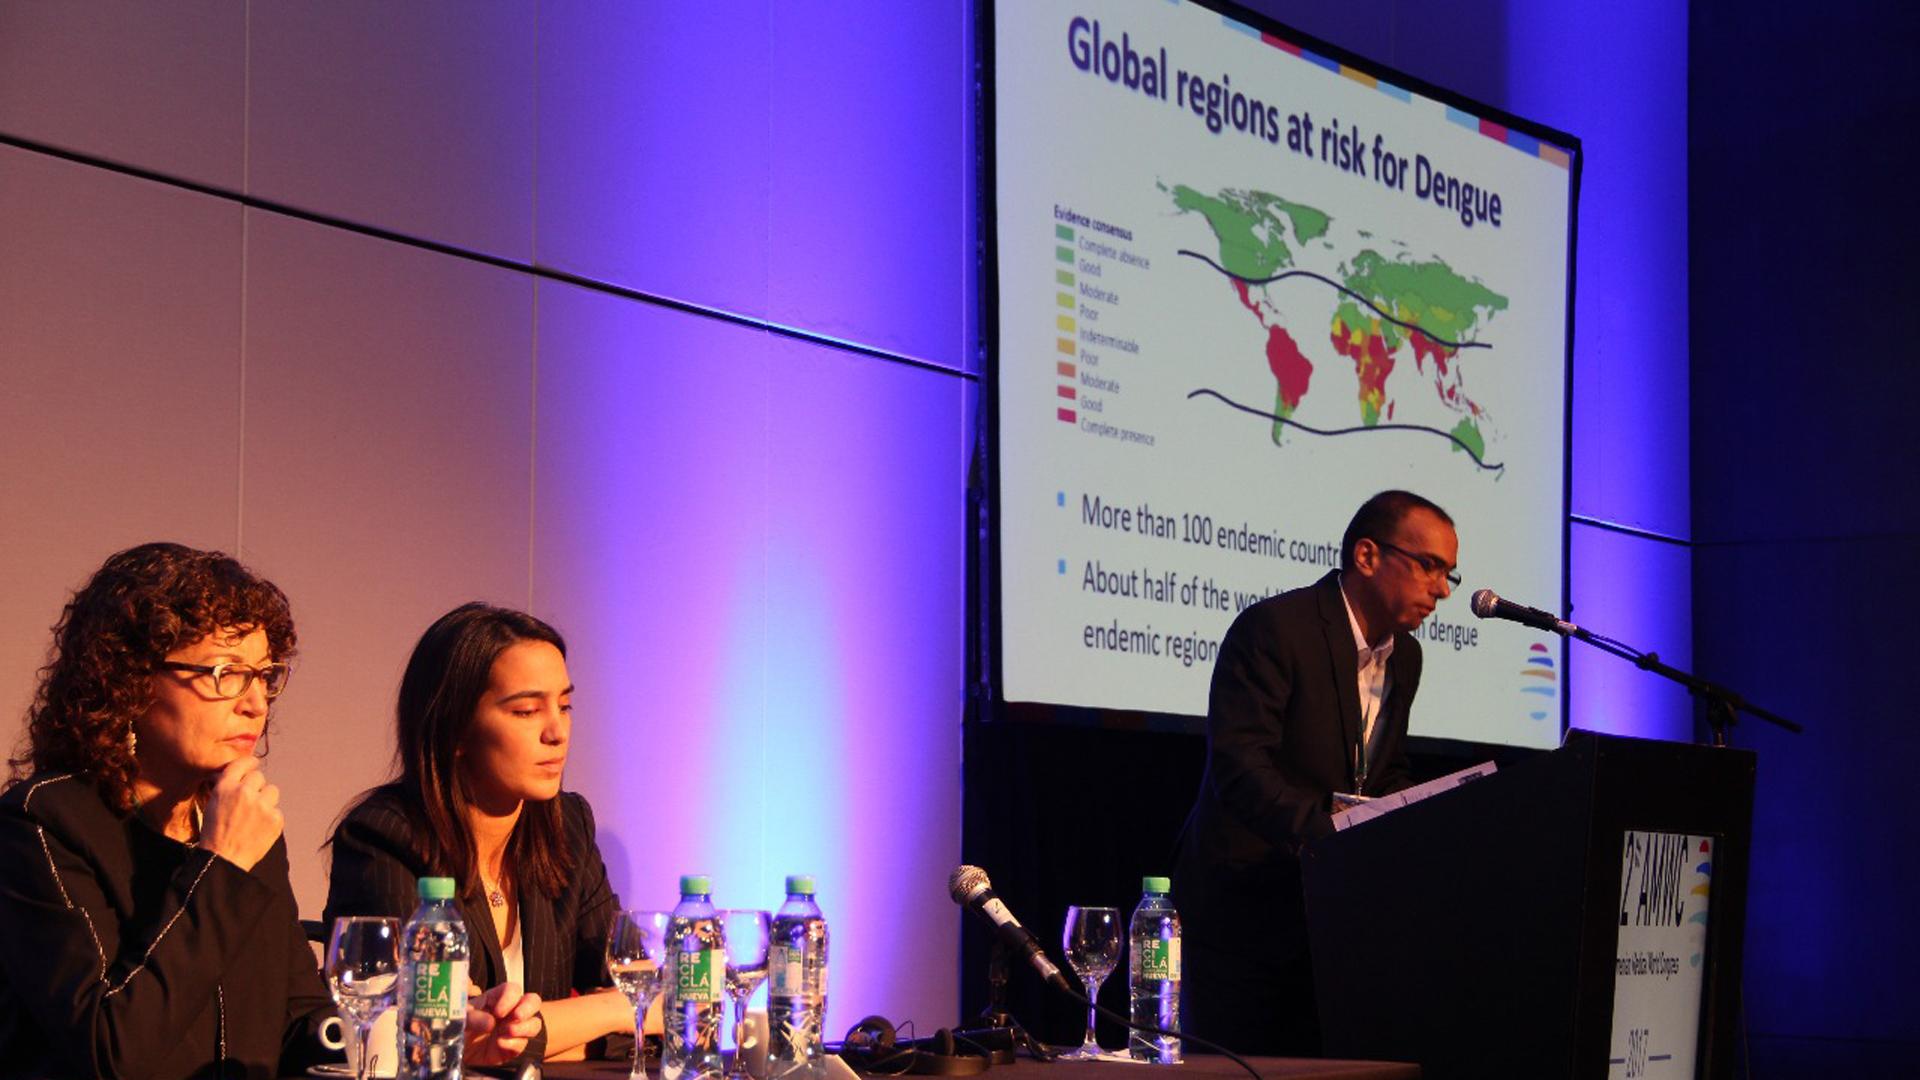 Pablo Elmassian, médico infectólogo argentino, habló de las enfermedades infecciones por vectores, más precisamente del dengue y del zika (Francesco Garabello)